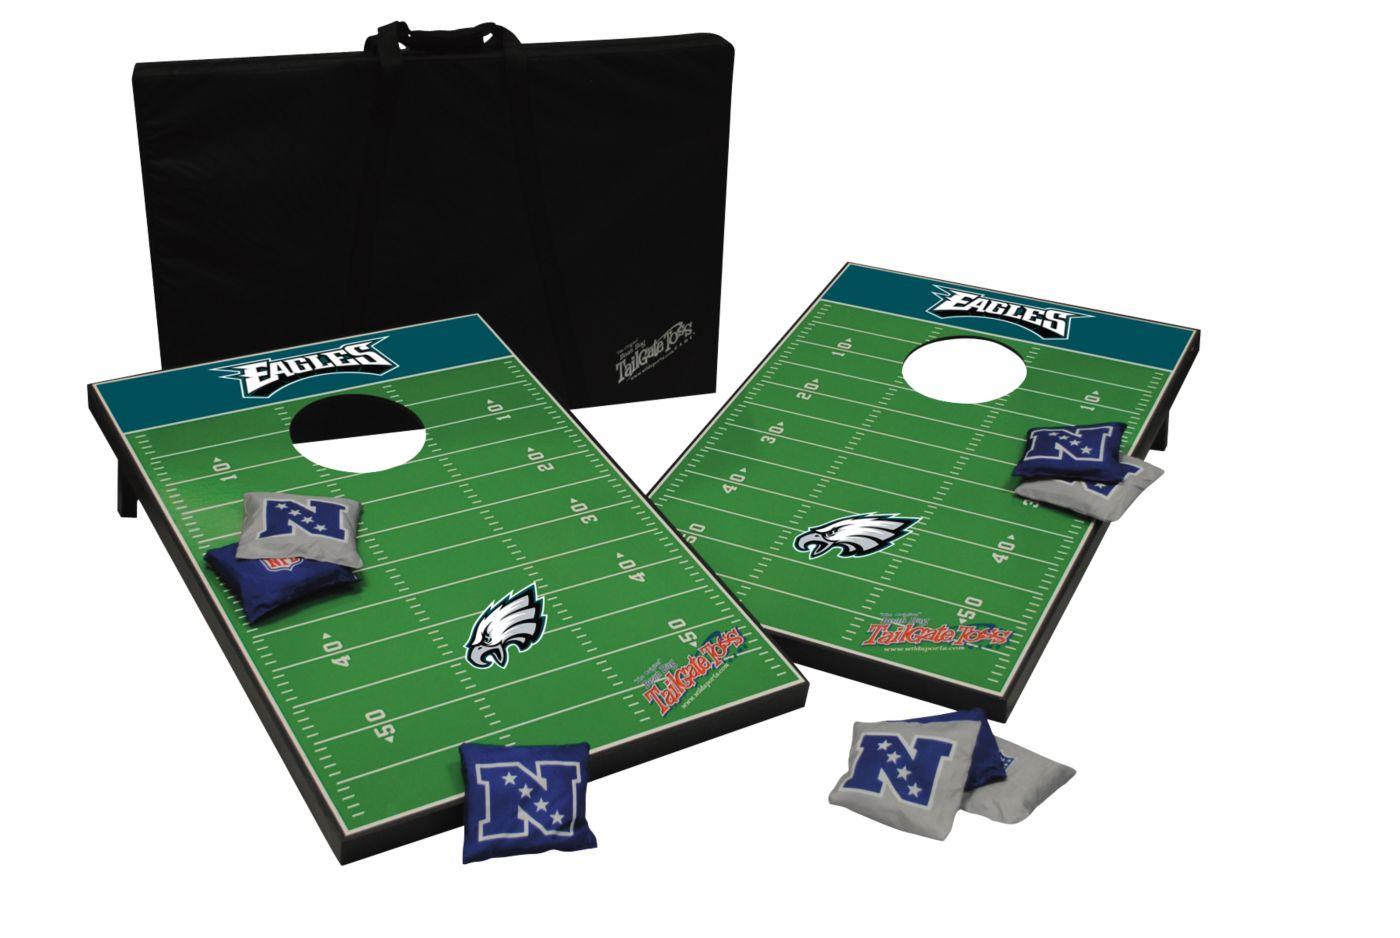 Wild Sports Philadelphia Eagles Tailgate Bean Bag Toss